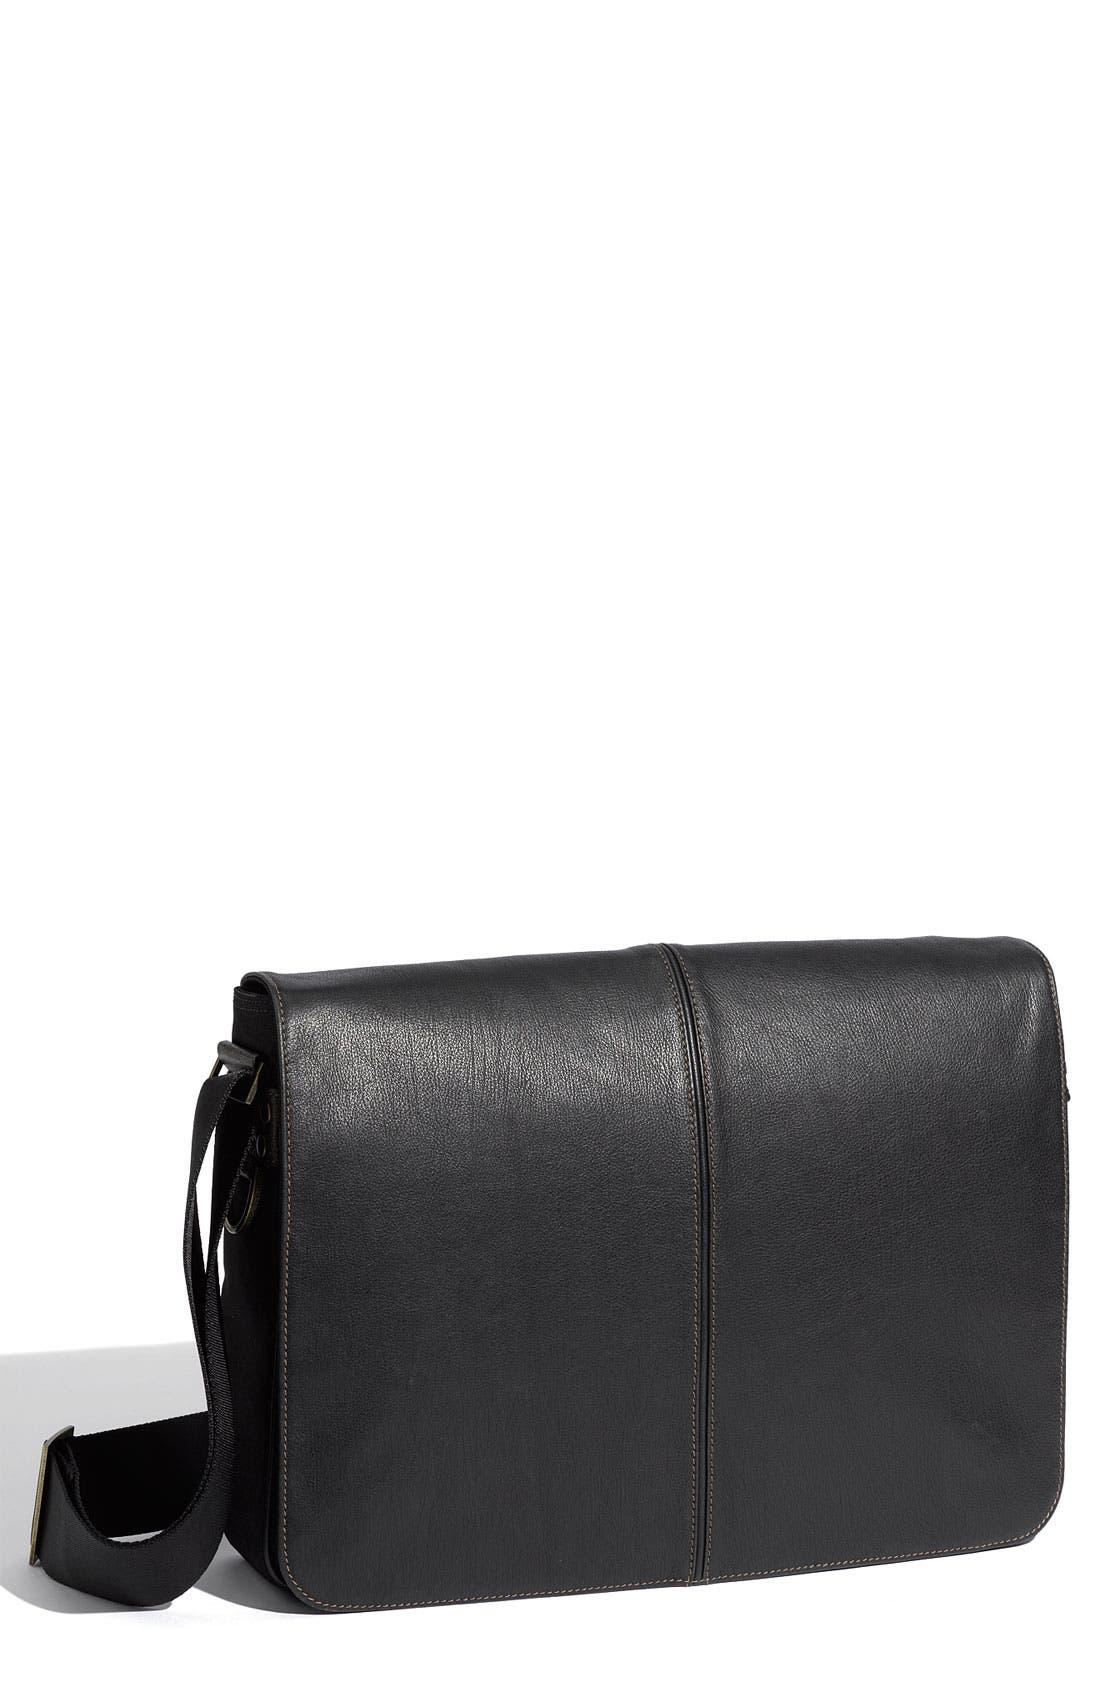 Alternate Image 1 Selected - Boconi 'Leon Slim Mailbag' Messenger Bag